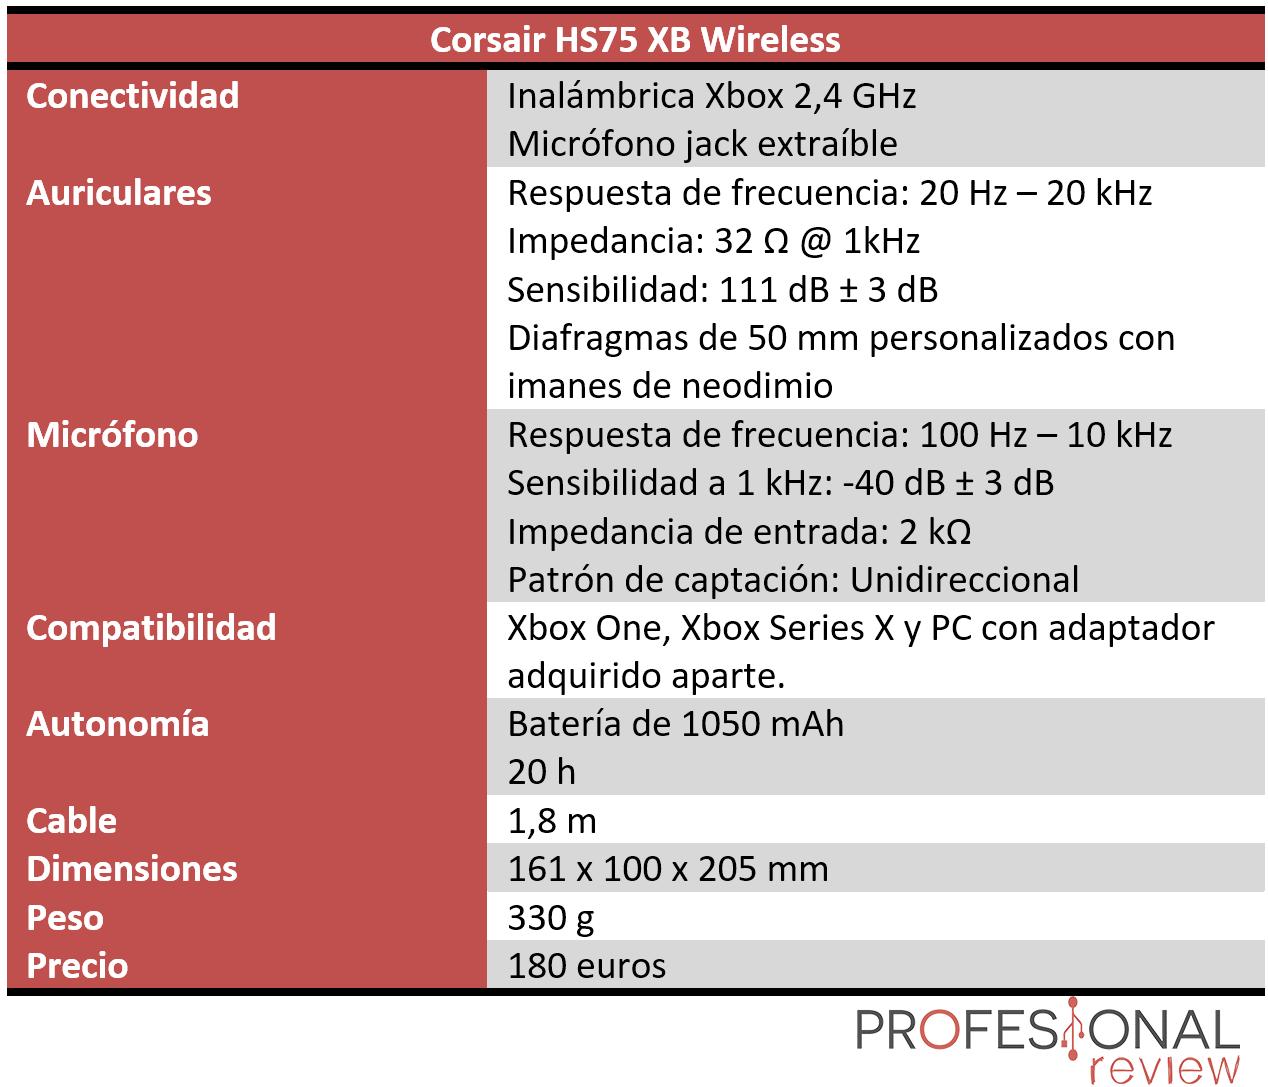 Corsair HS75 XB Wireless Características